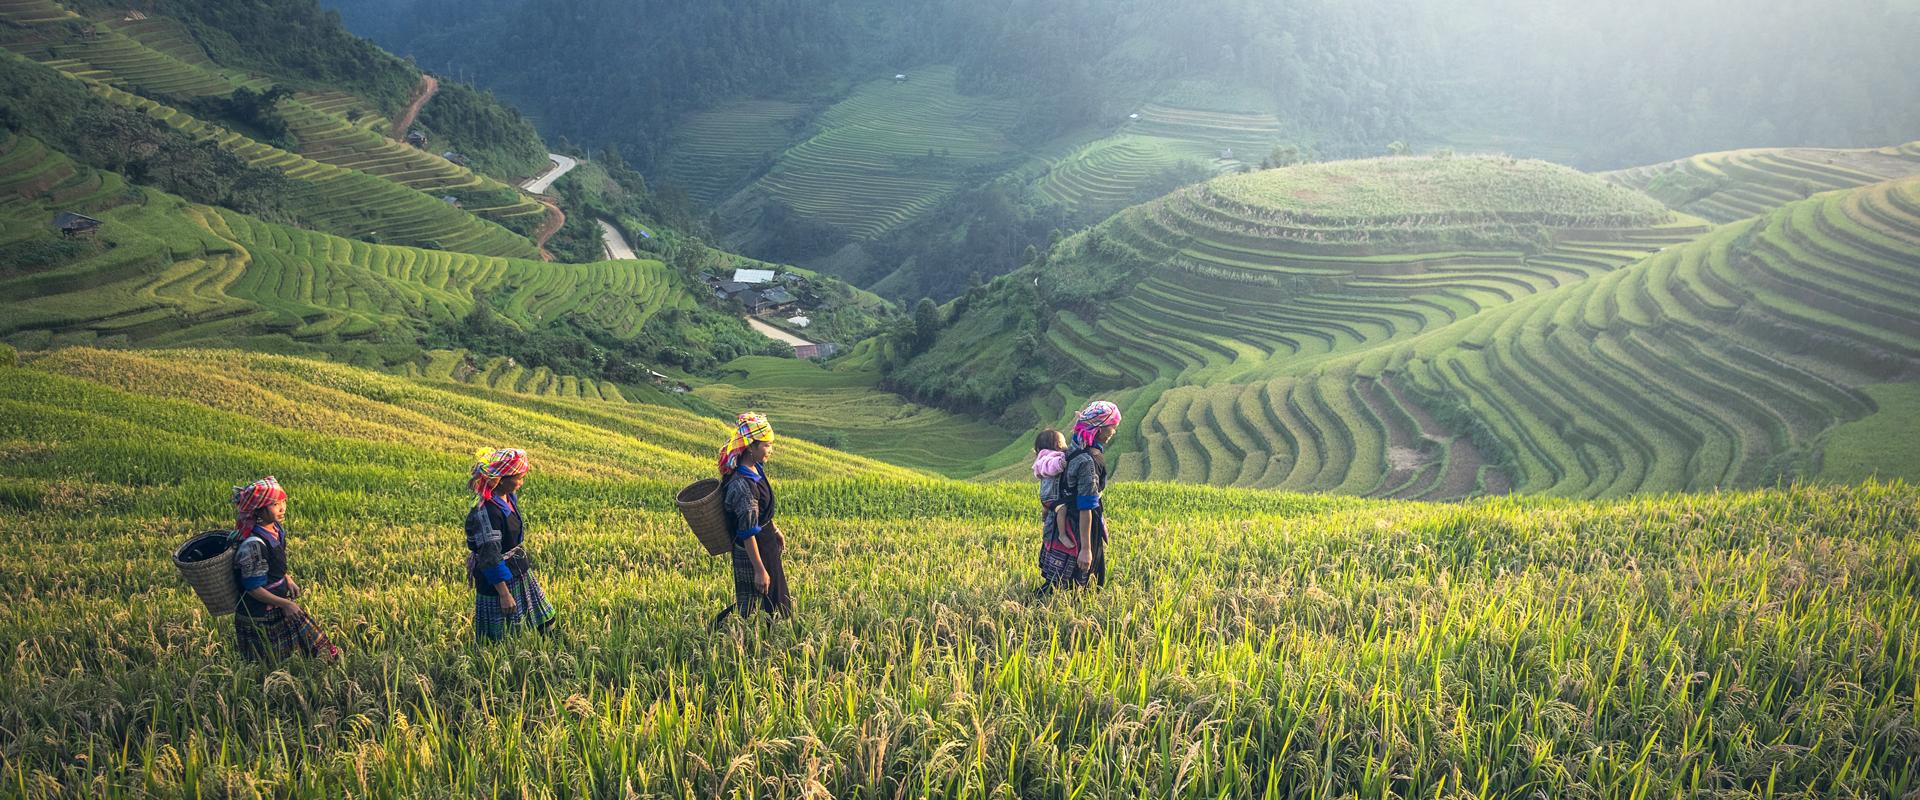 Thaïlande | Rizières de Chang Mai